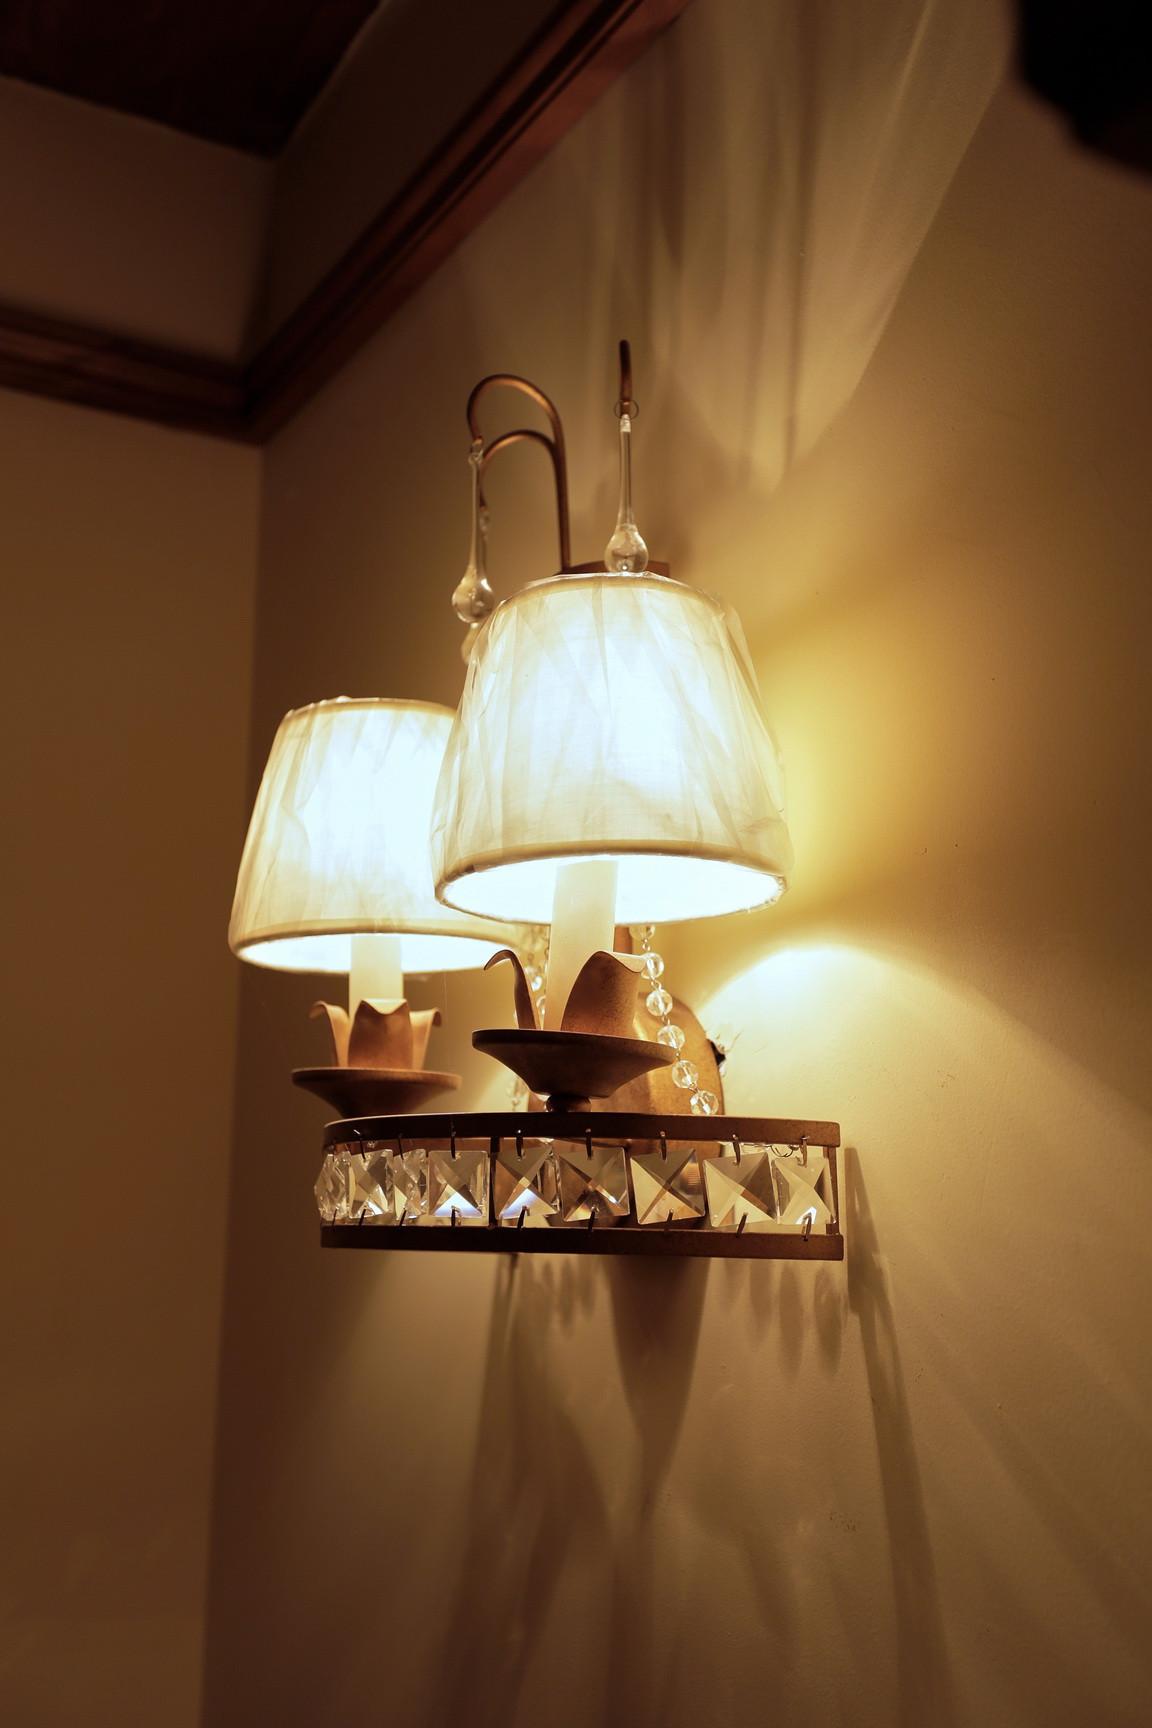 美式休闲三居之家灯具图片